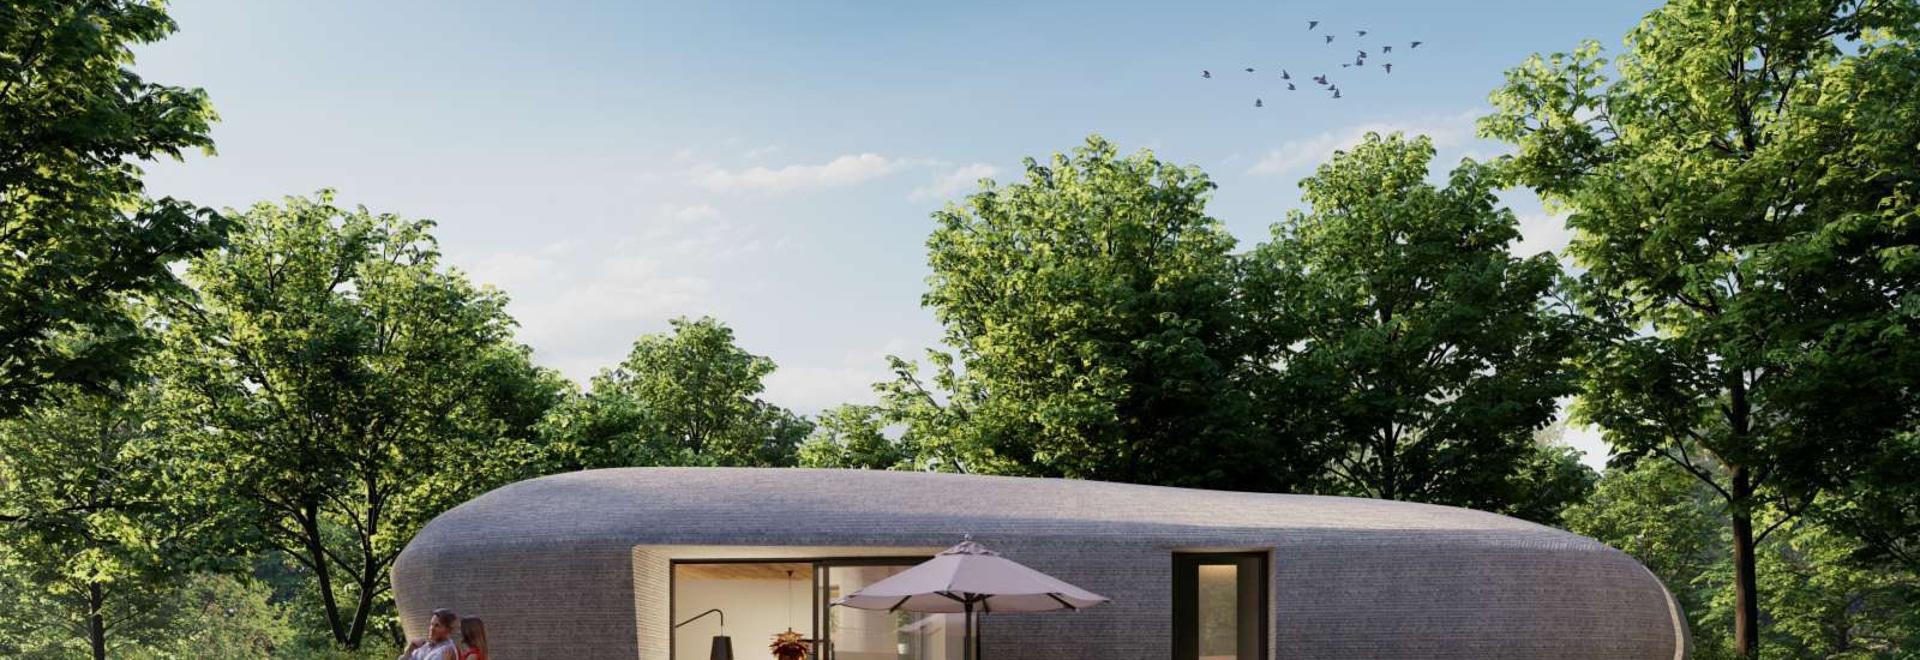 Faire d'une maison imprimée en 3D un foyer